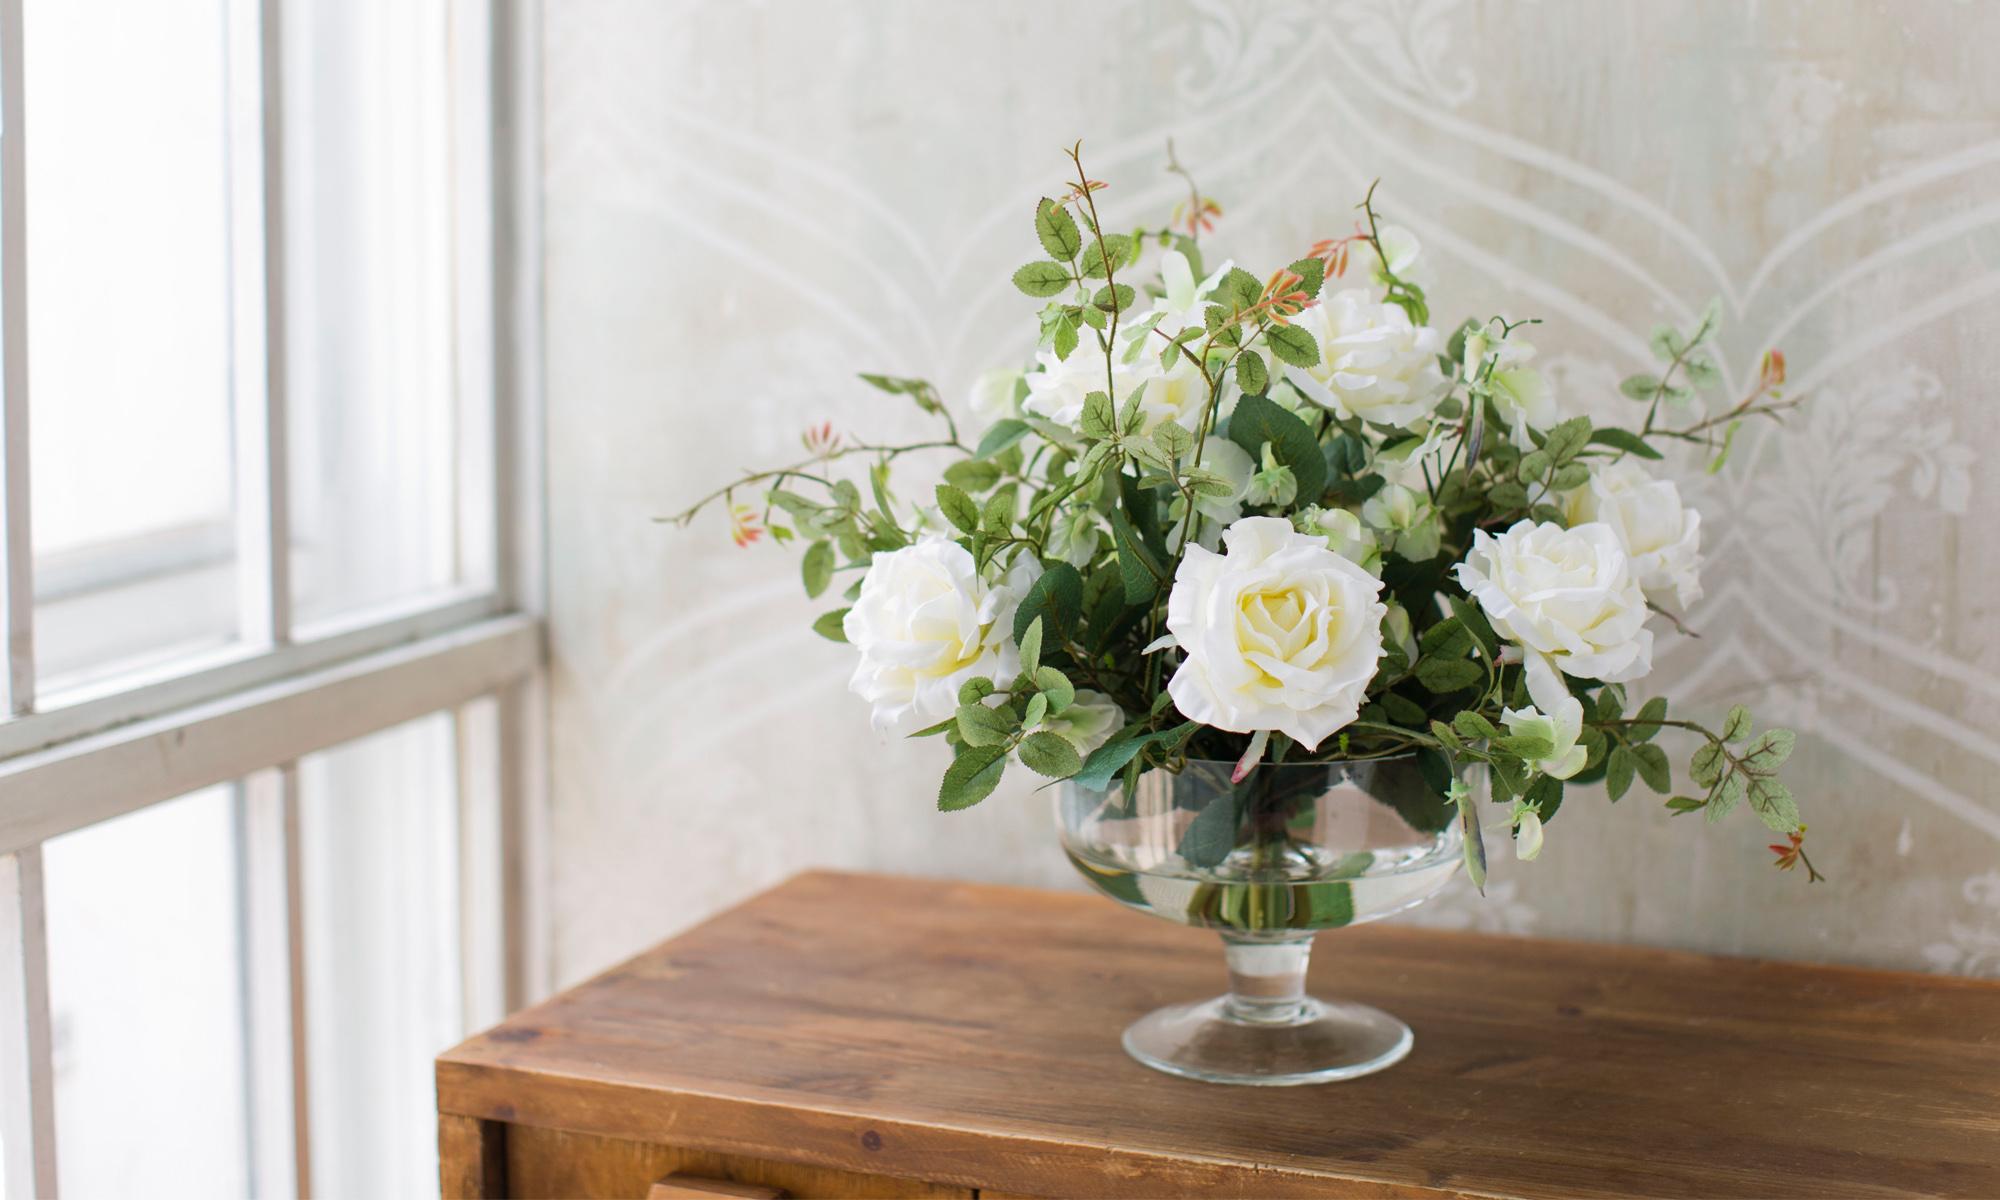 Купить Композиция из искусственных цветов - белые розы, душистый горошек, inmyroom, Россия